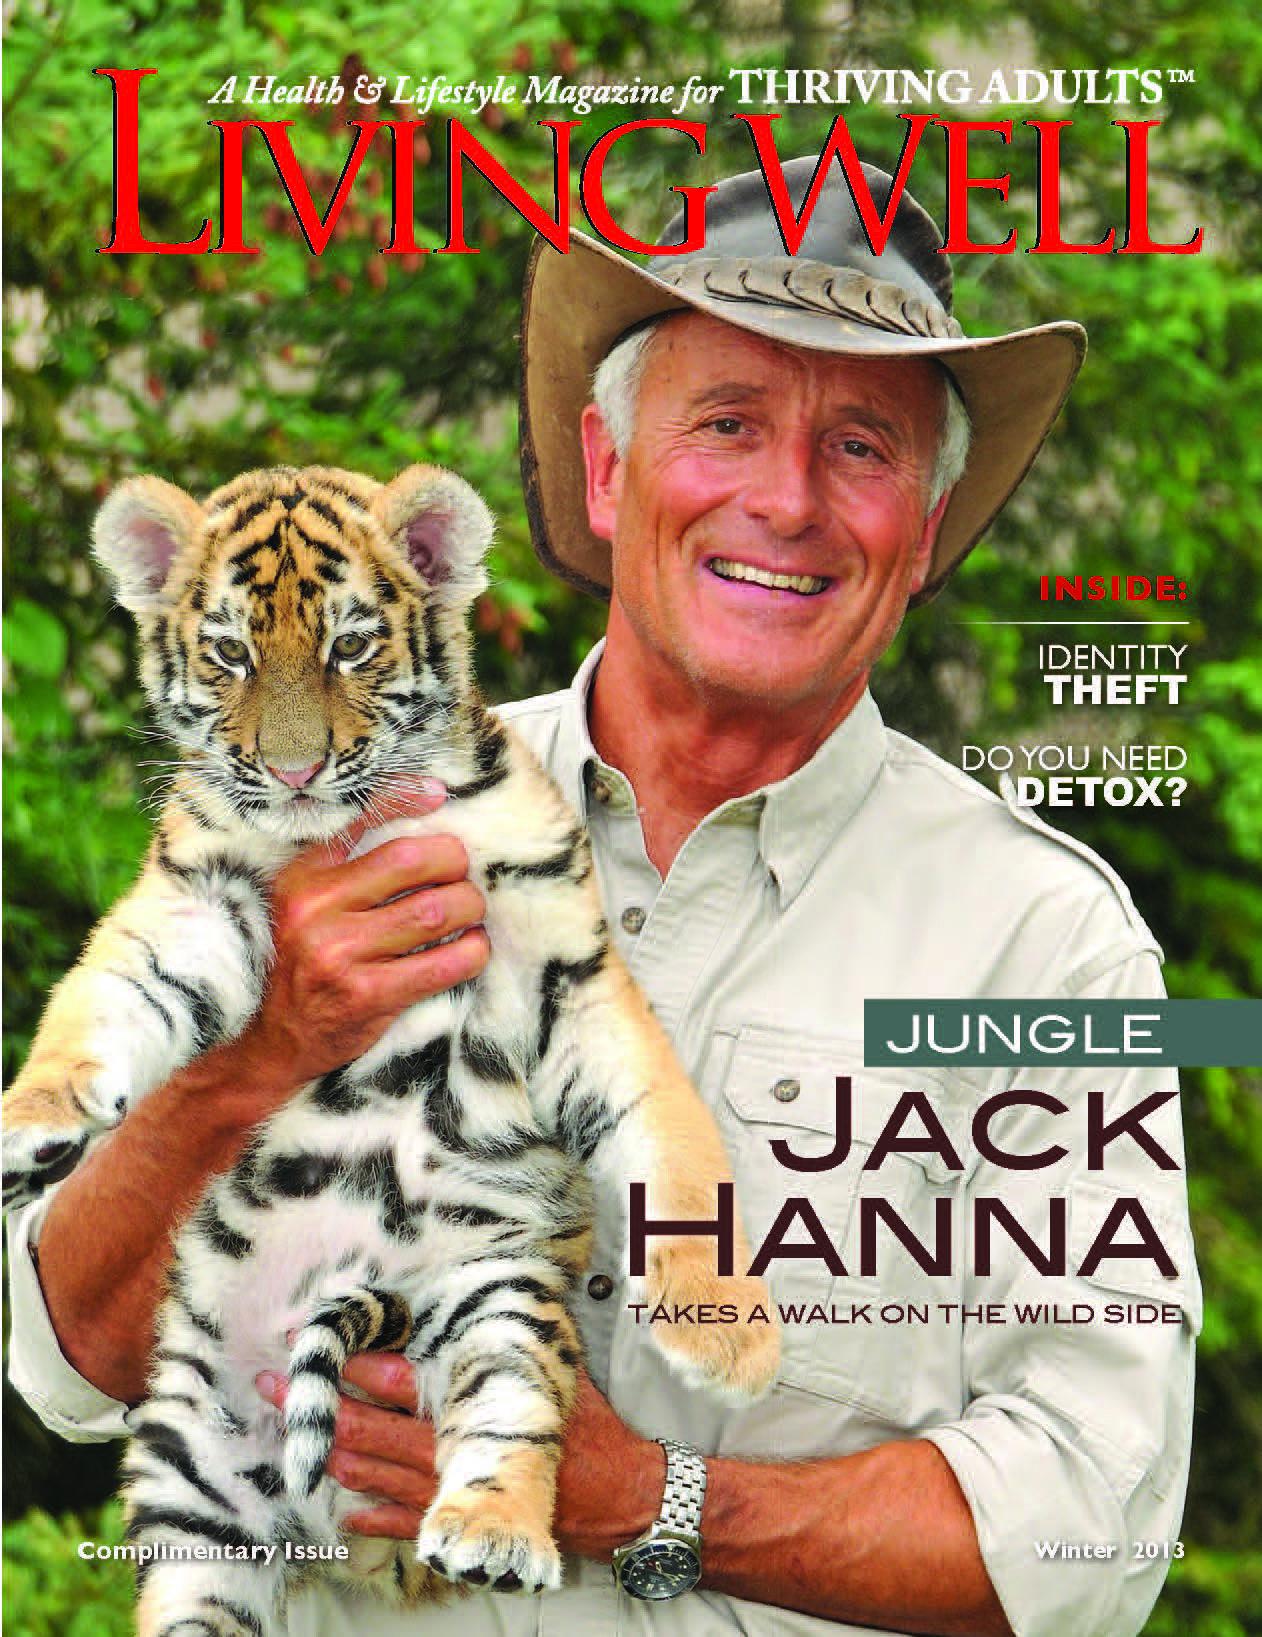 Jungle Jack Hanna: The acclaimed adventurer takes a walk ...